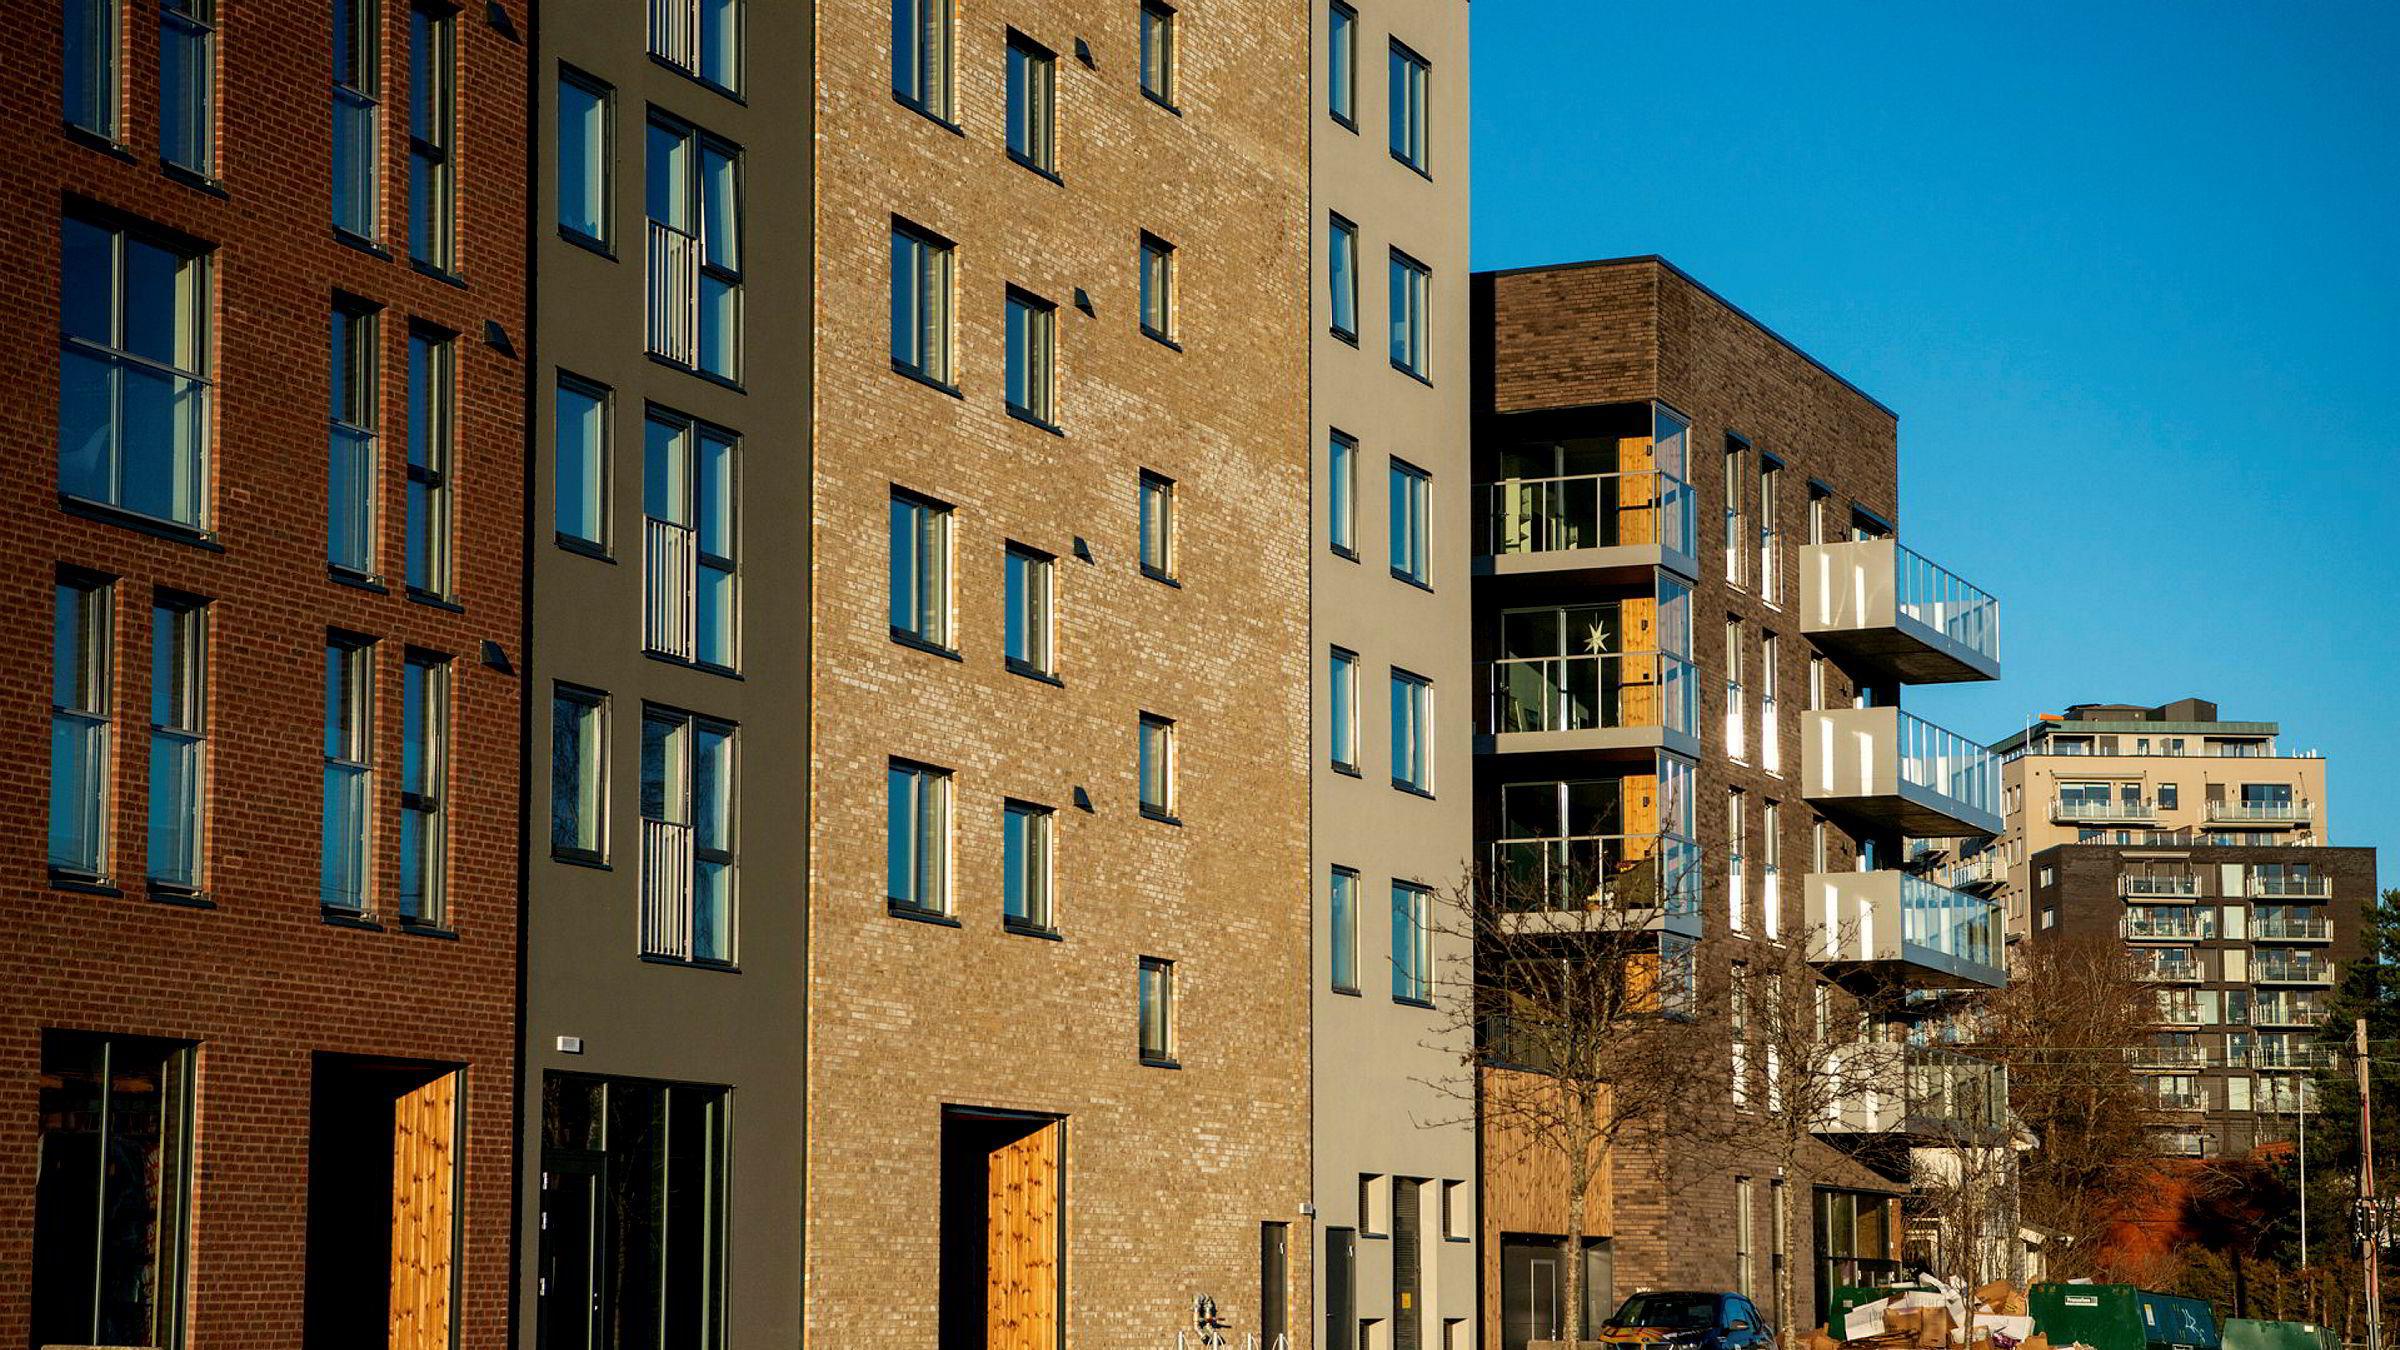 Mens SSB og Norges Bank venter fallende boligpriser, aner seniorøkonom Kjell Senneset i Prognosesenteret «konturene av en ganske stor gruppe, som potensielt representerer nok etterspørsel til å holde prisene oppe hele 2020». Disse boligene ligger på Frysja i Oslo.